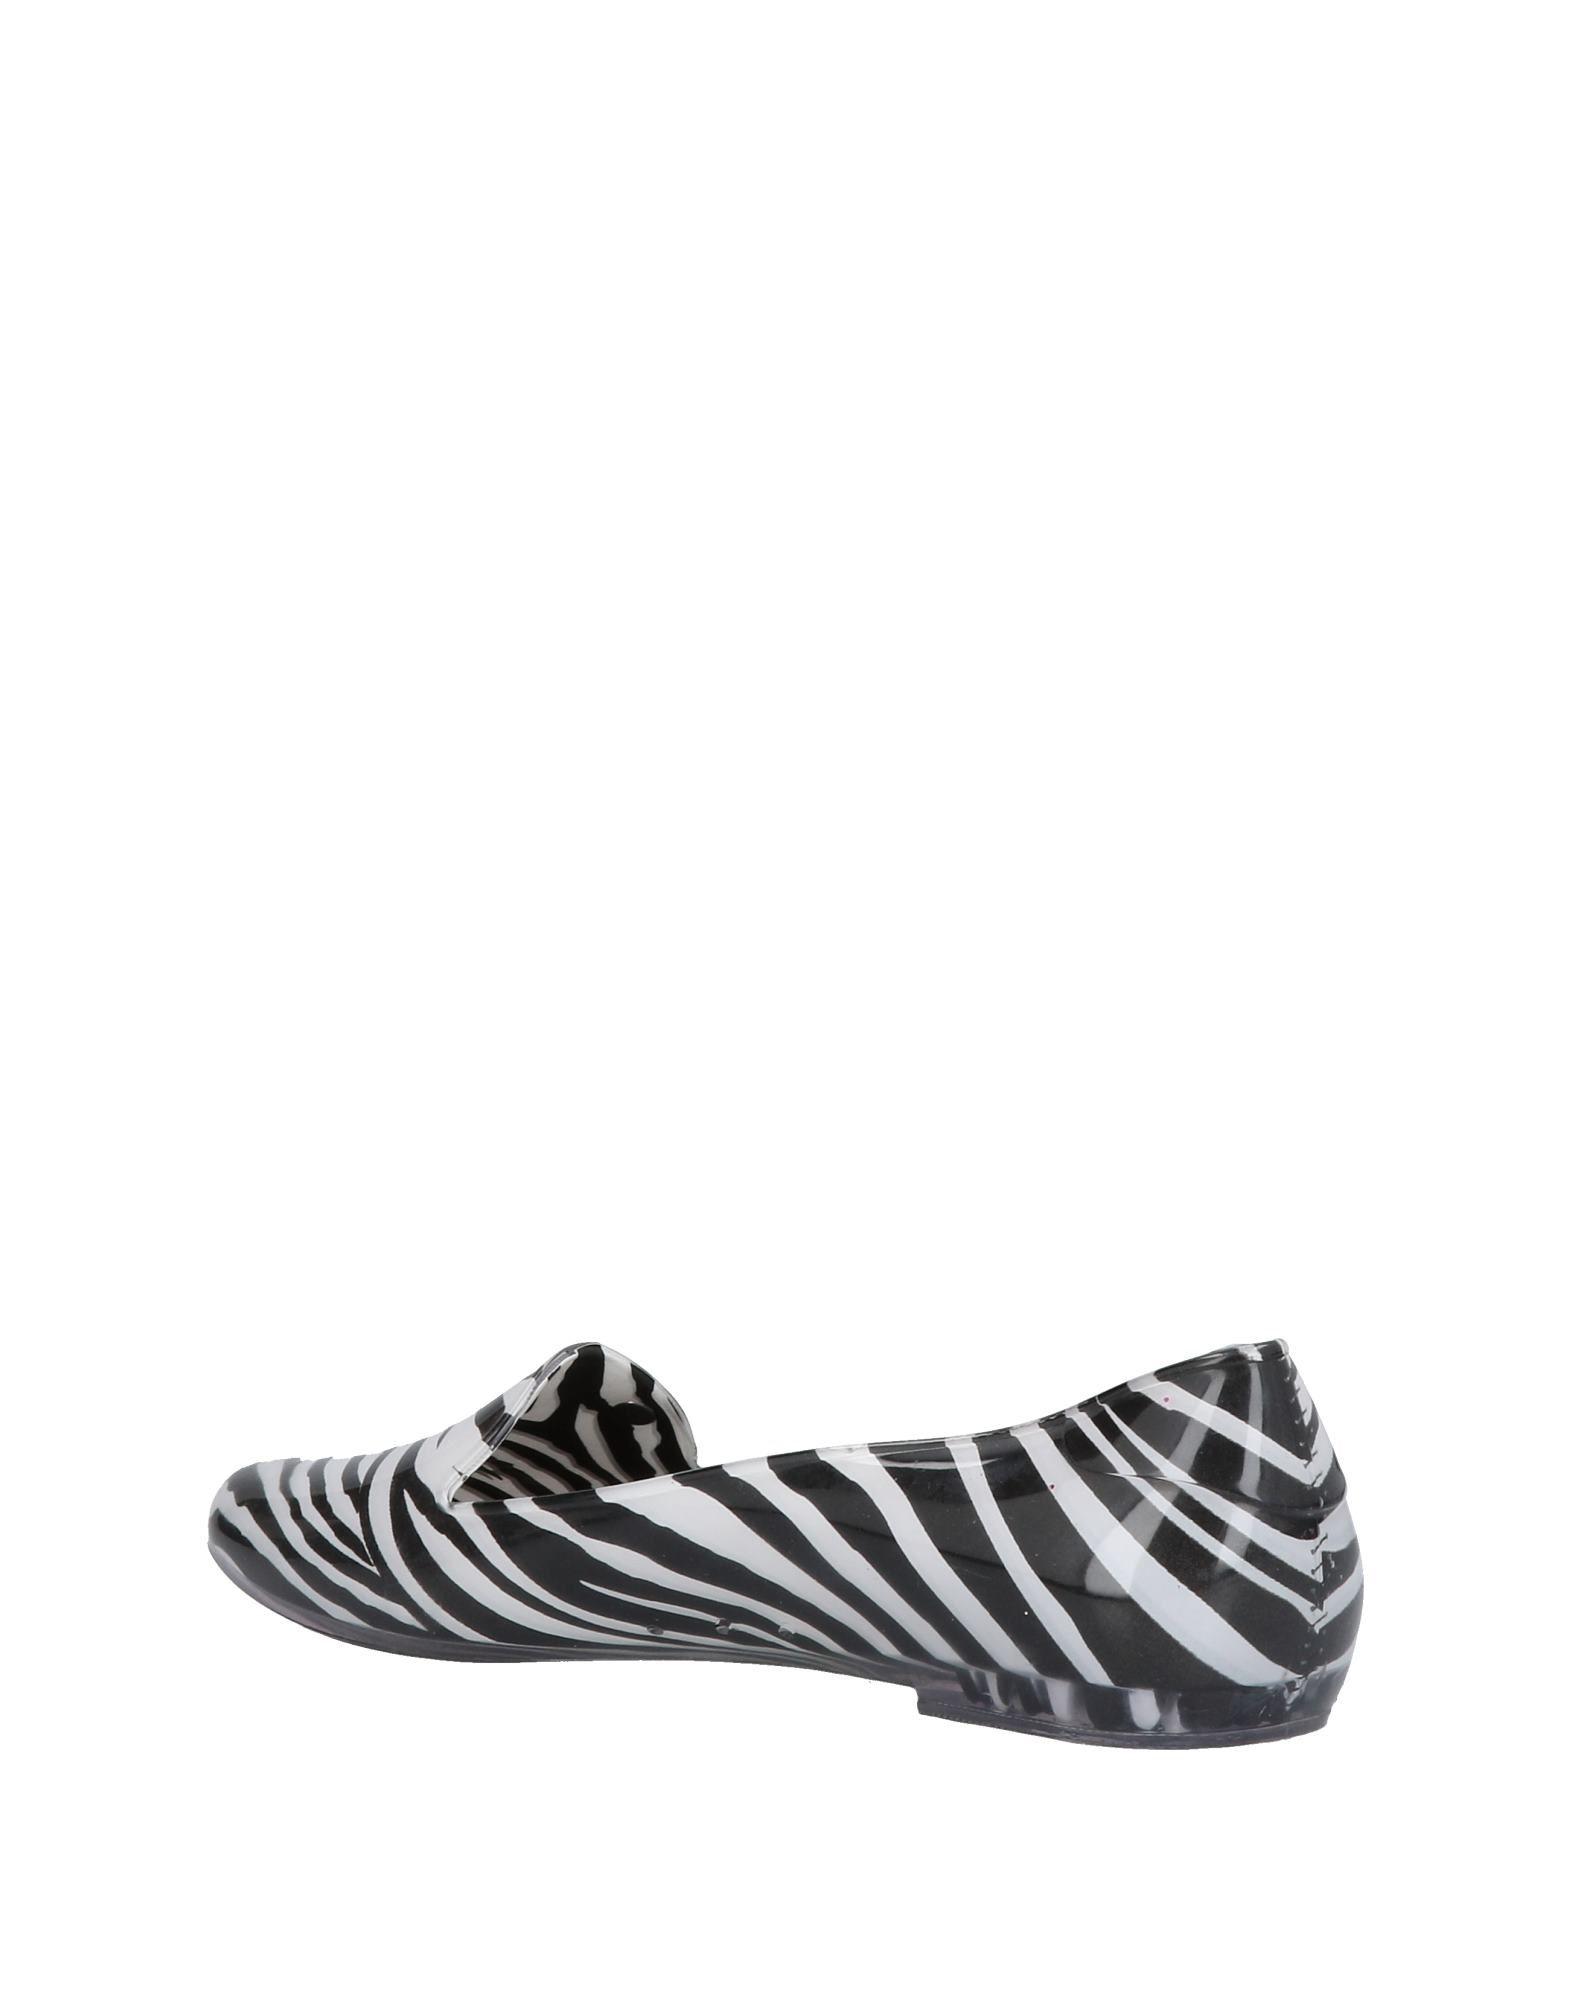 Schuhe Melissa Mokassins Damen  11419805HL Heiße Schuhe  278594